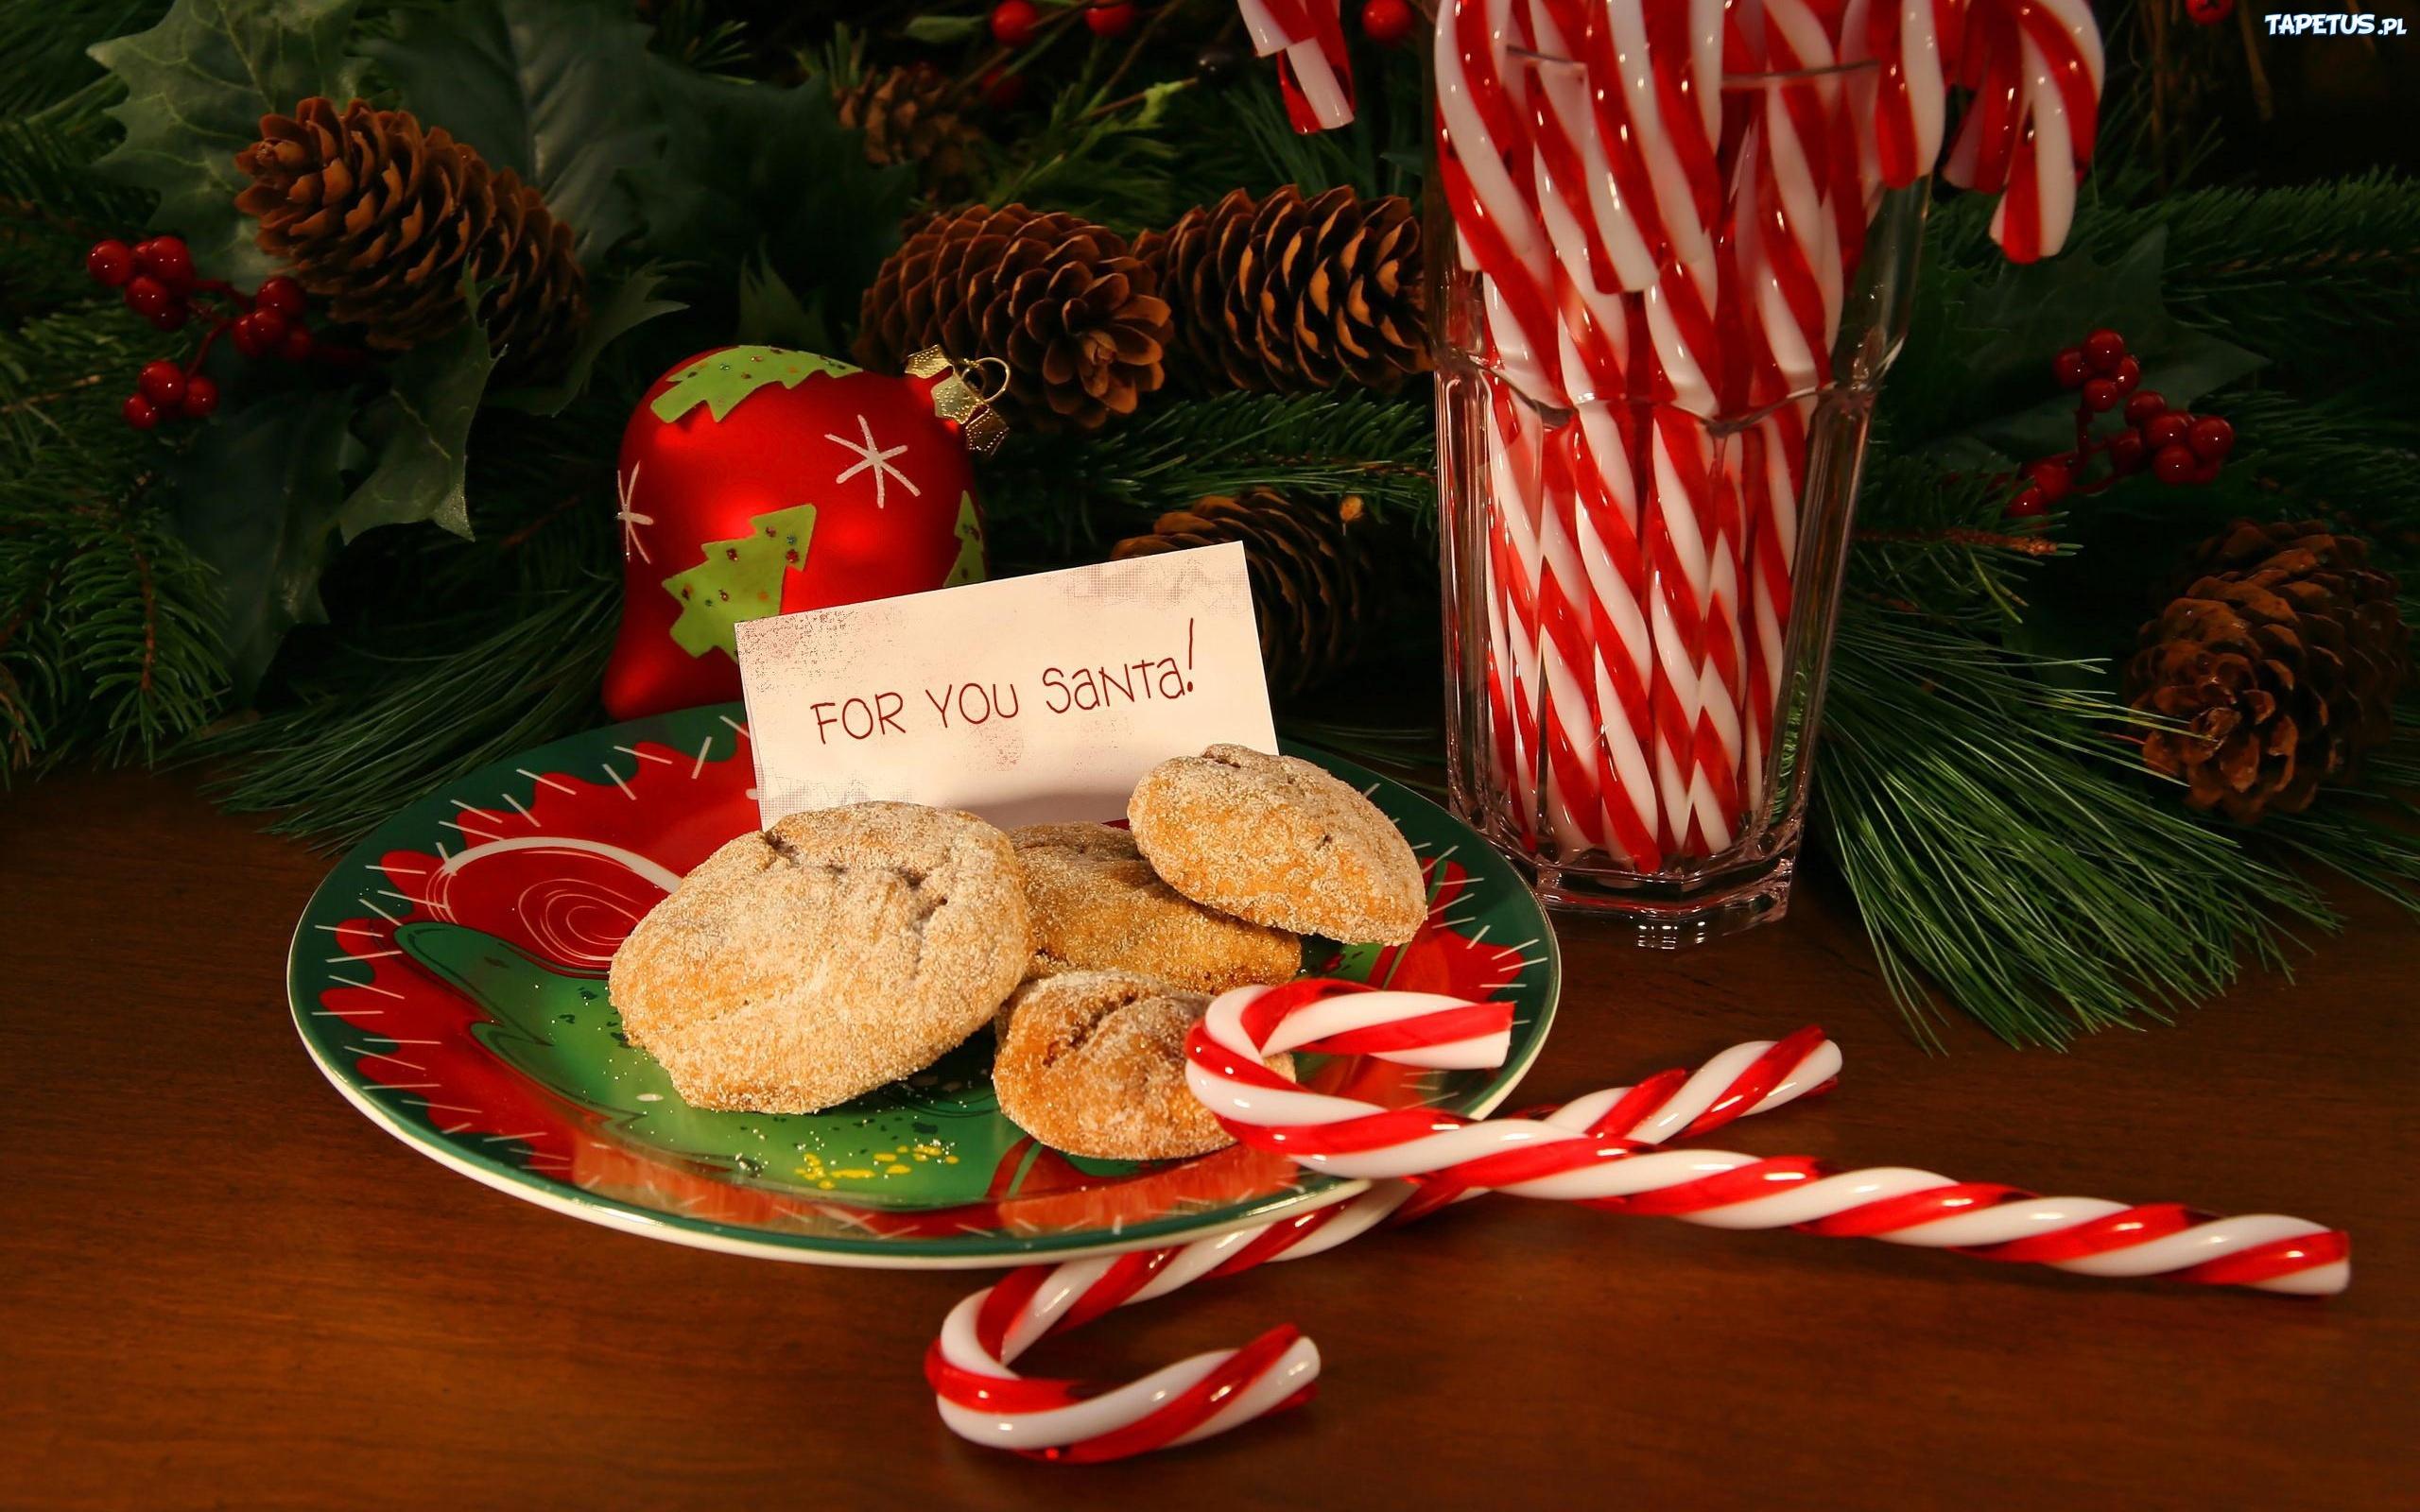 новый год праздник конфеты new year holiday candy бесплатно